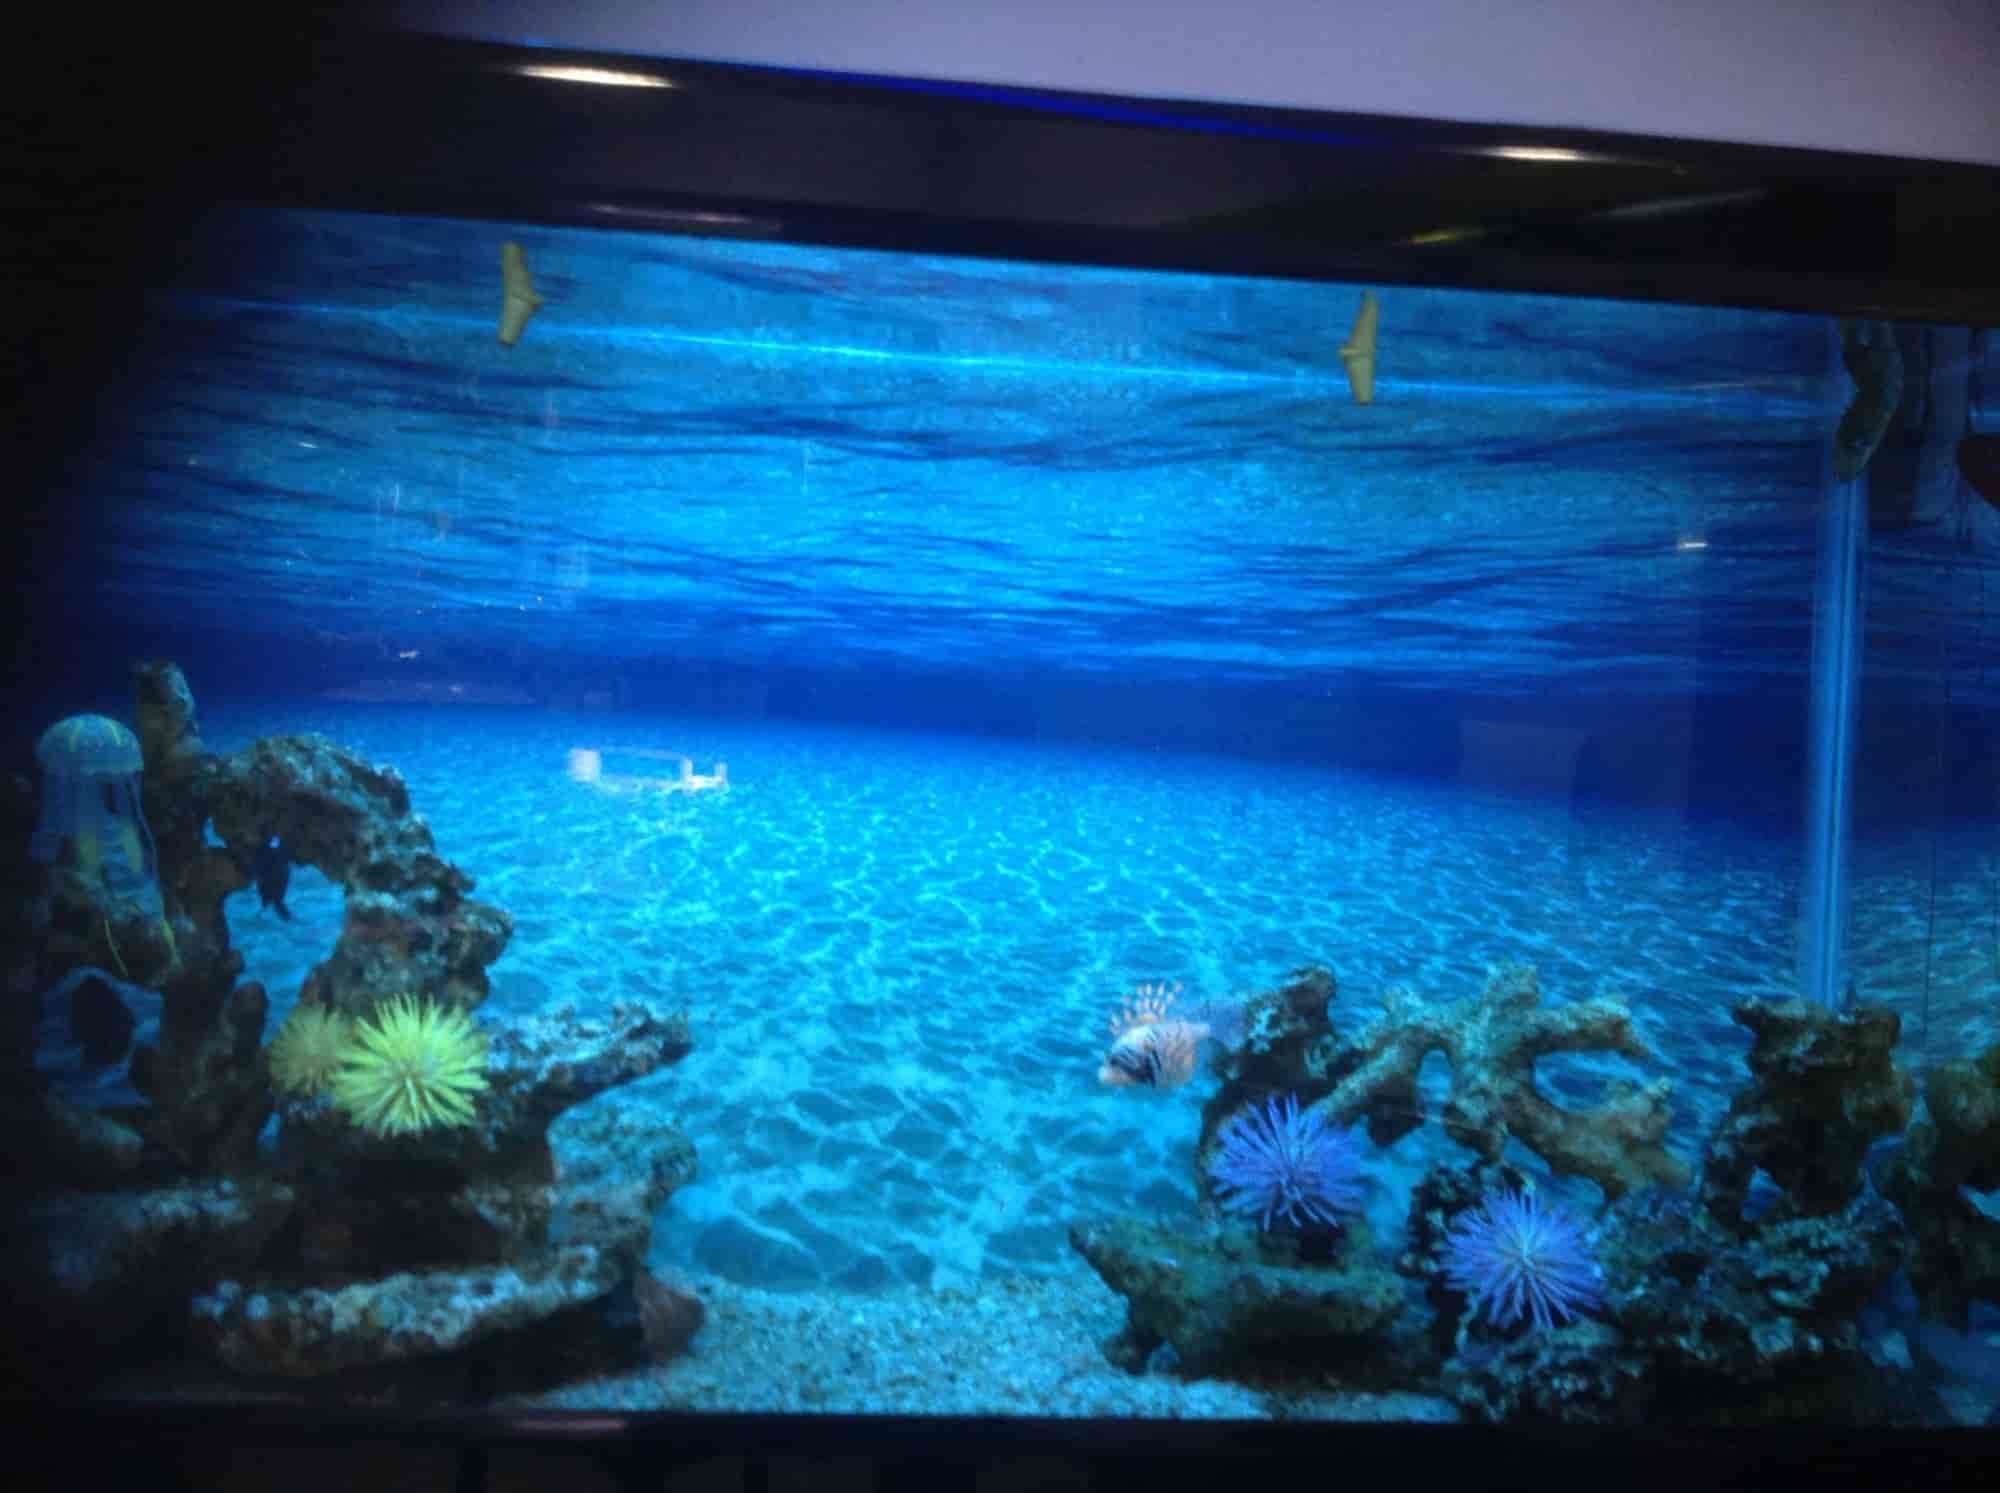 Aquarium Design India Mount Road Aquariums in Chennai Justdial